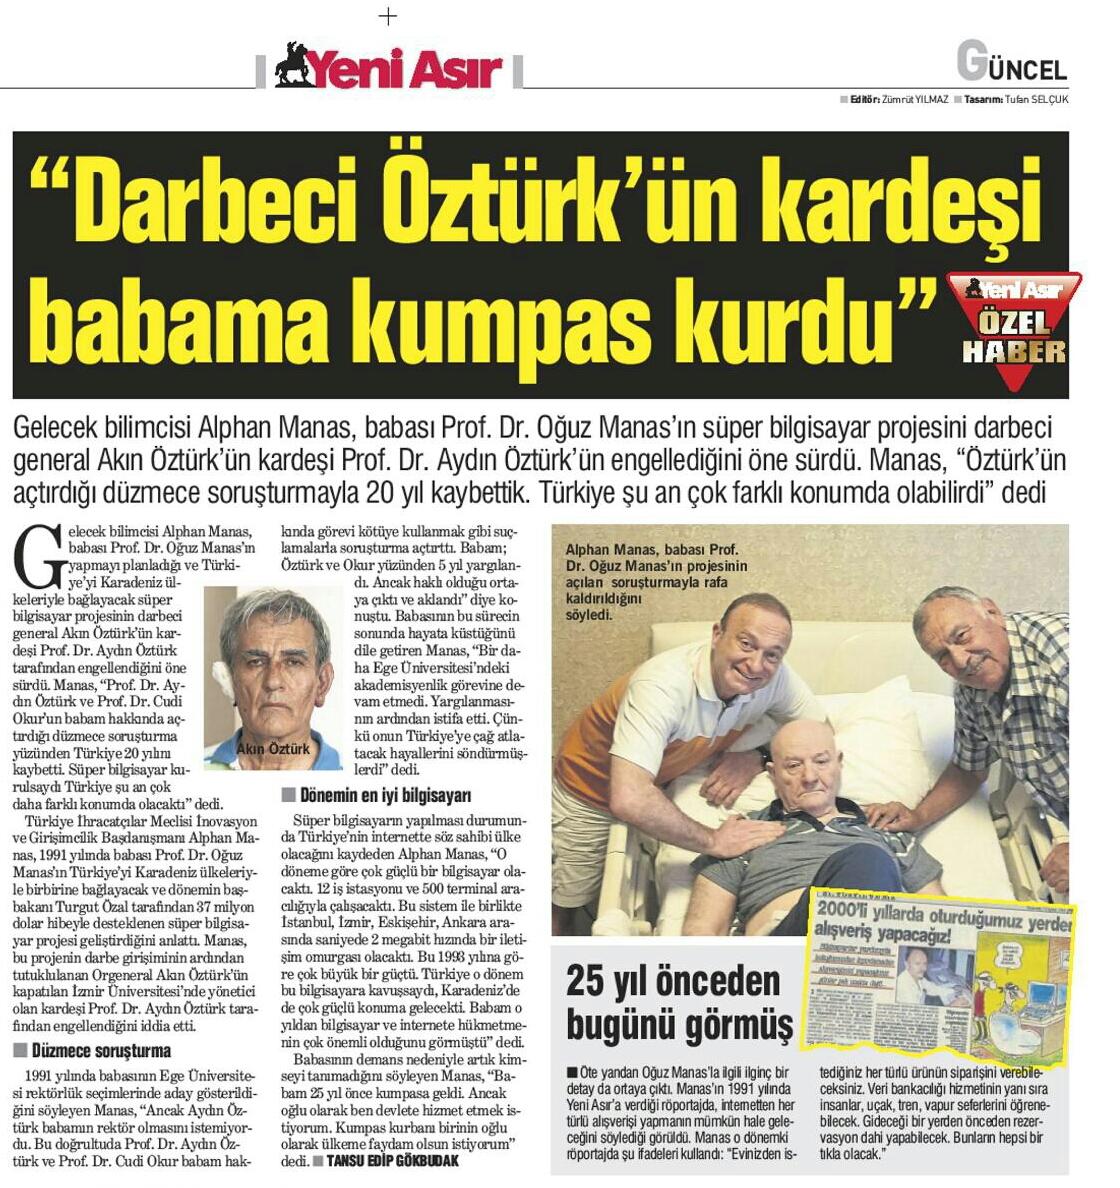 2016-07-27_Yeni Asir_Oguz Manas